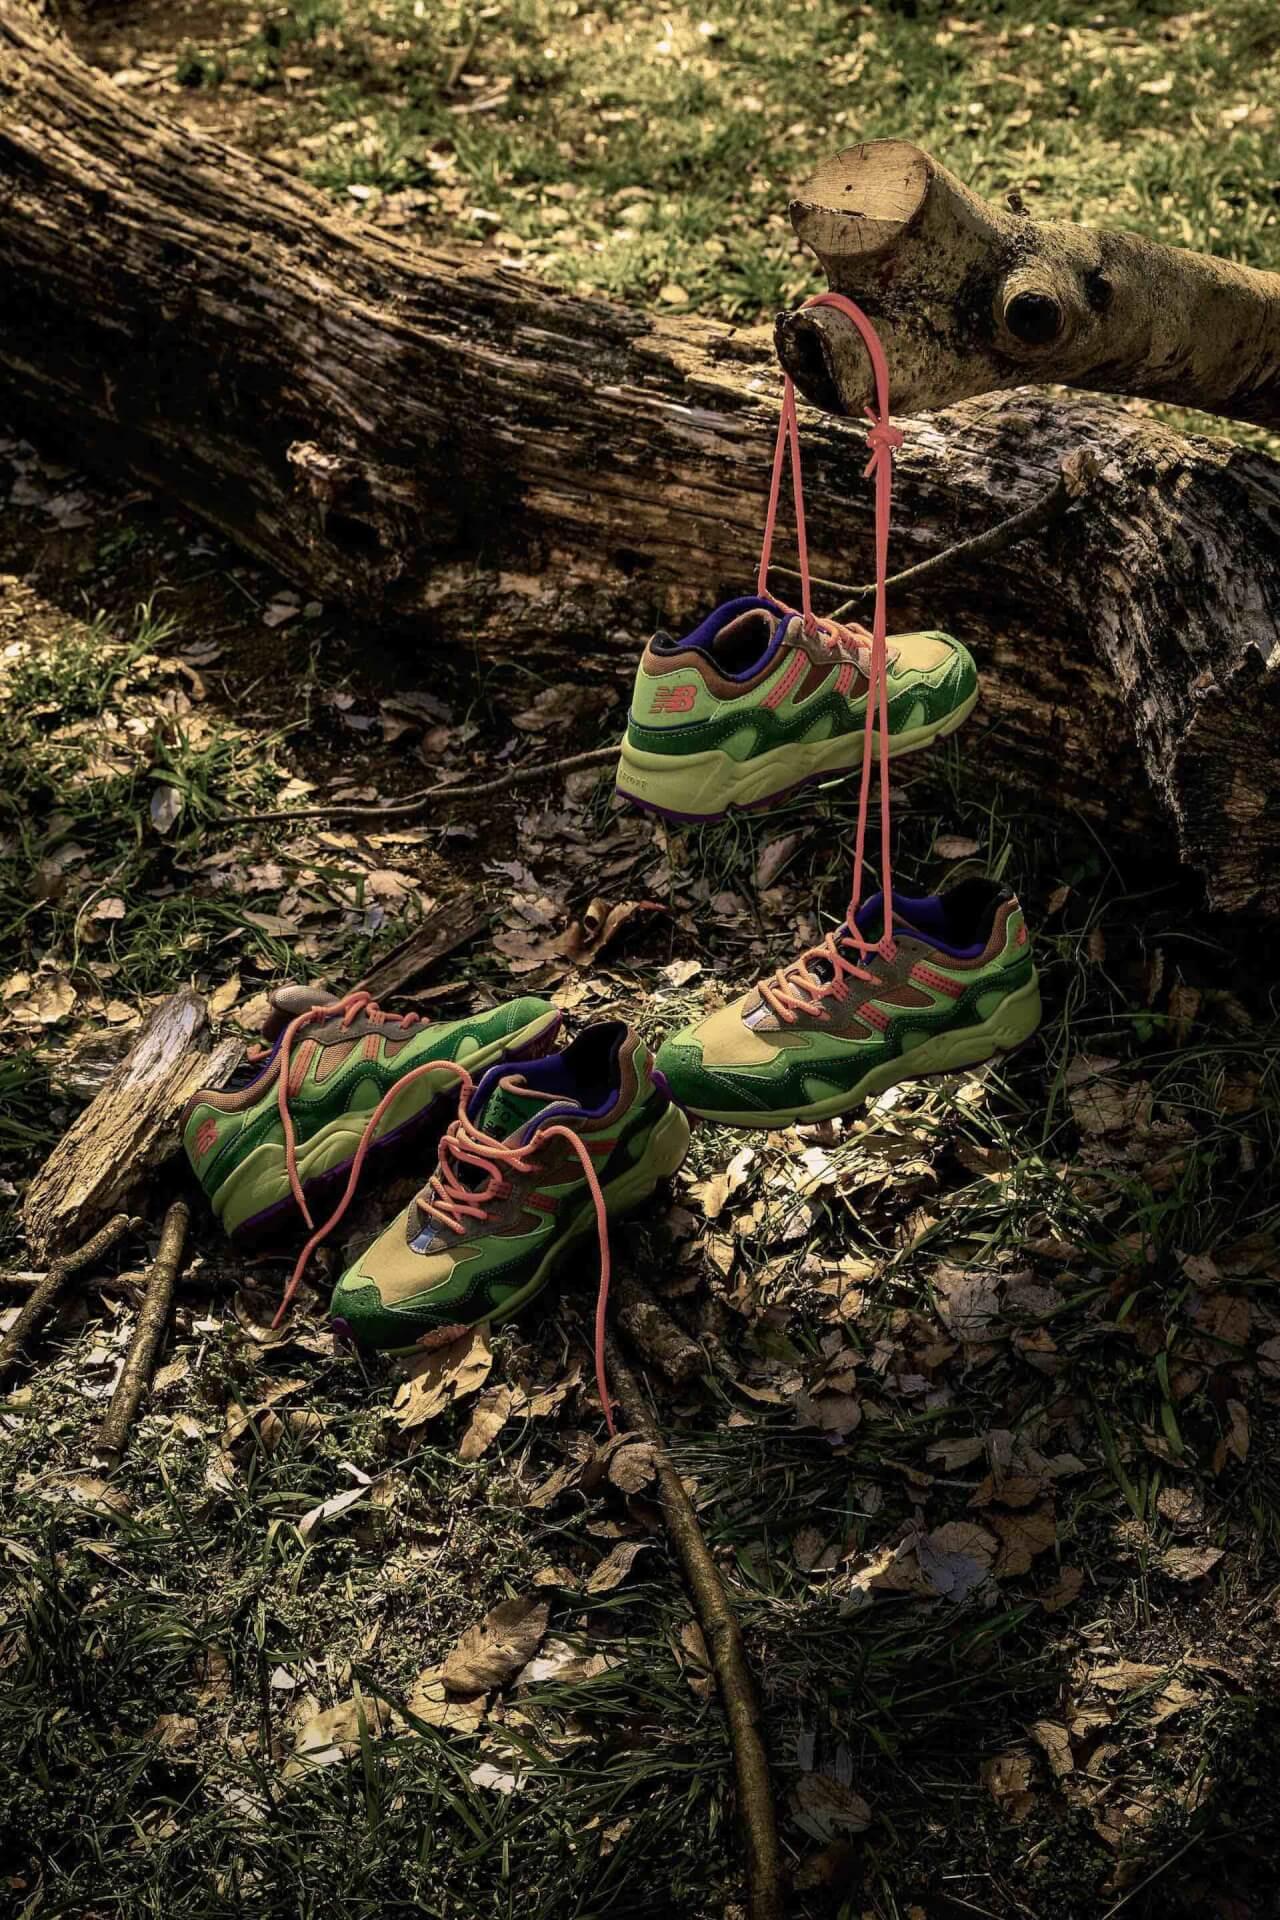 ニューバランスとatmosの別注モデル『ML850ATA』が発売!テントや森林、大地からインスパイアされたカラー lf200406_atomosnb_02